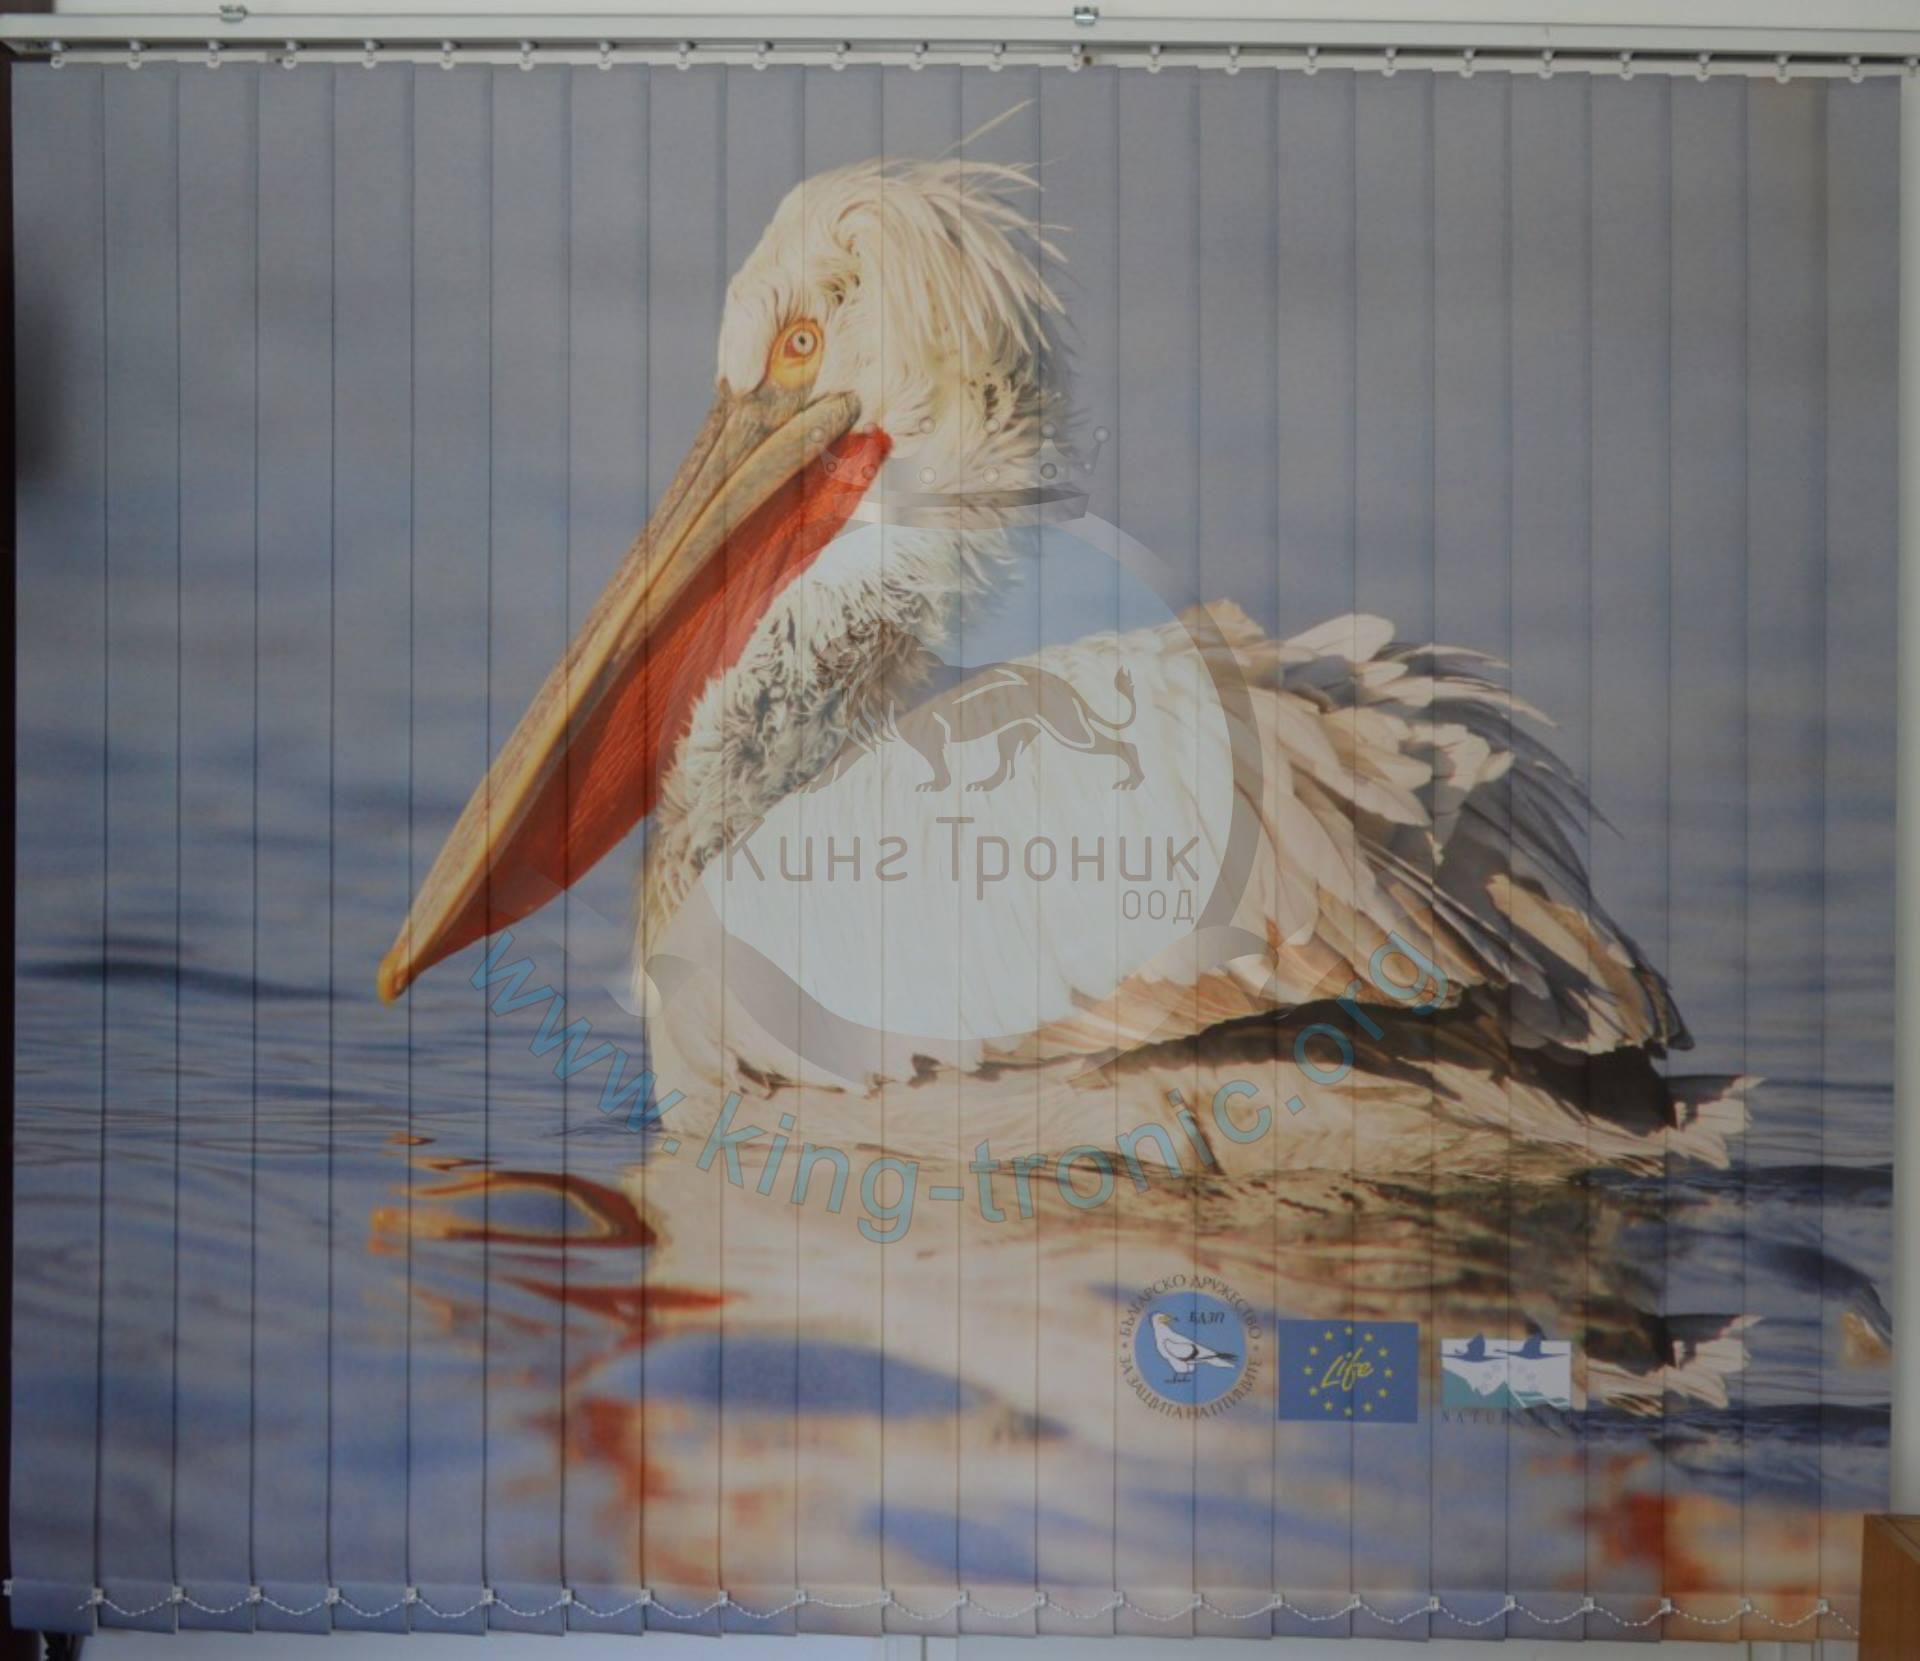 Вертикална фото щора - Индивидуален проект - Къдроглав пеликан - Бургас!